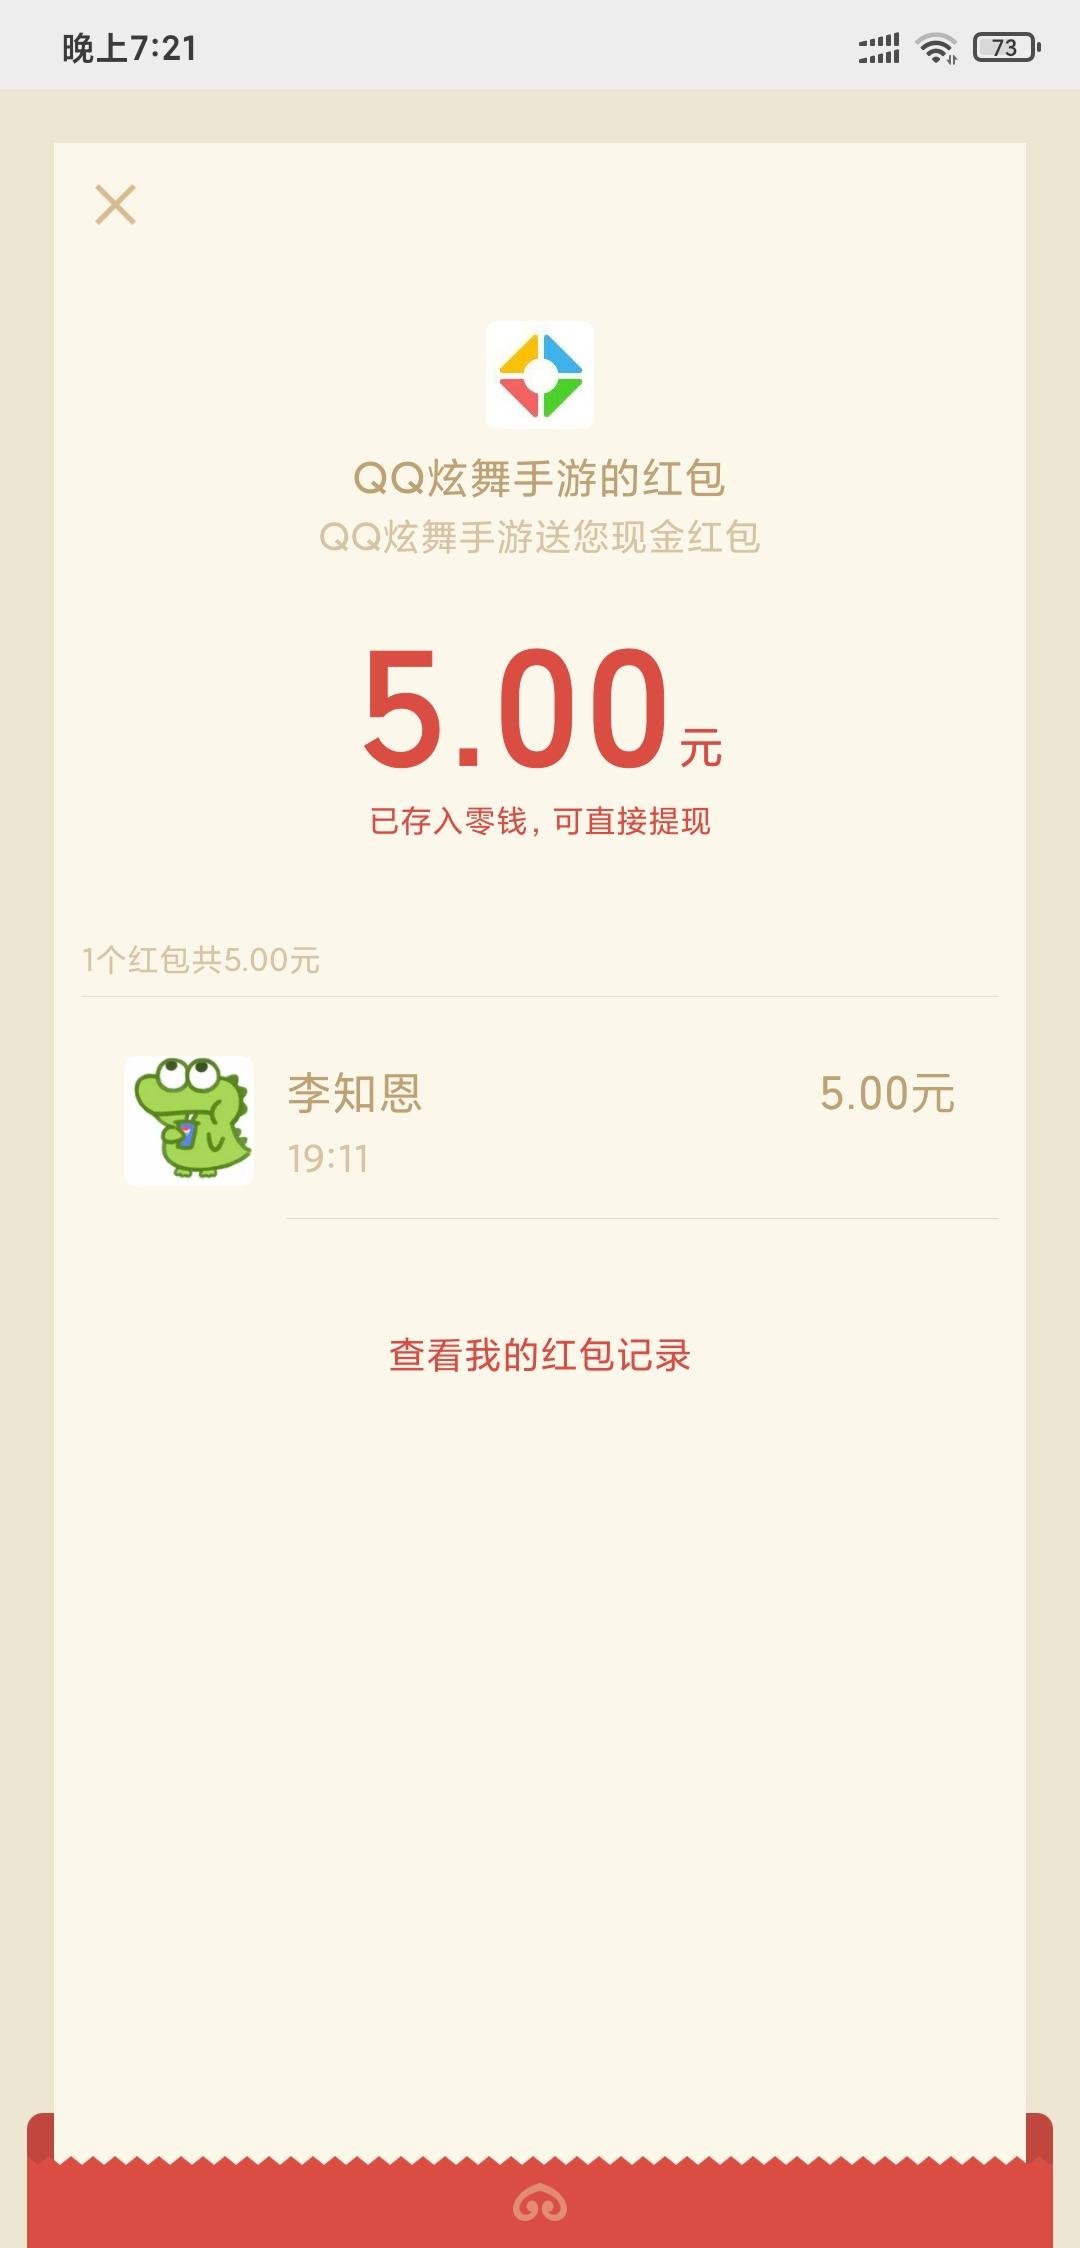 QQ炫舞!新用户5r插图